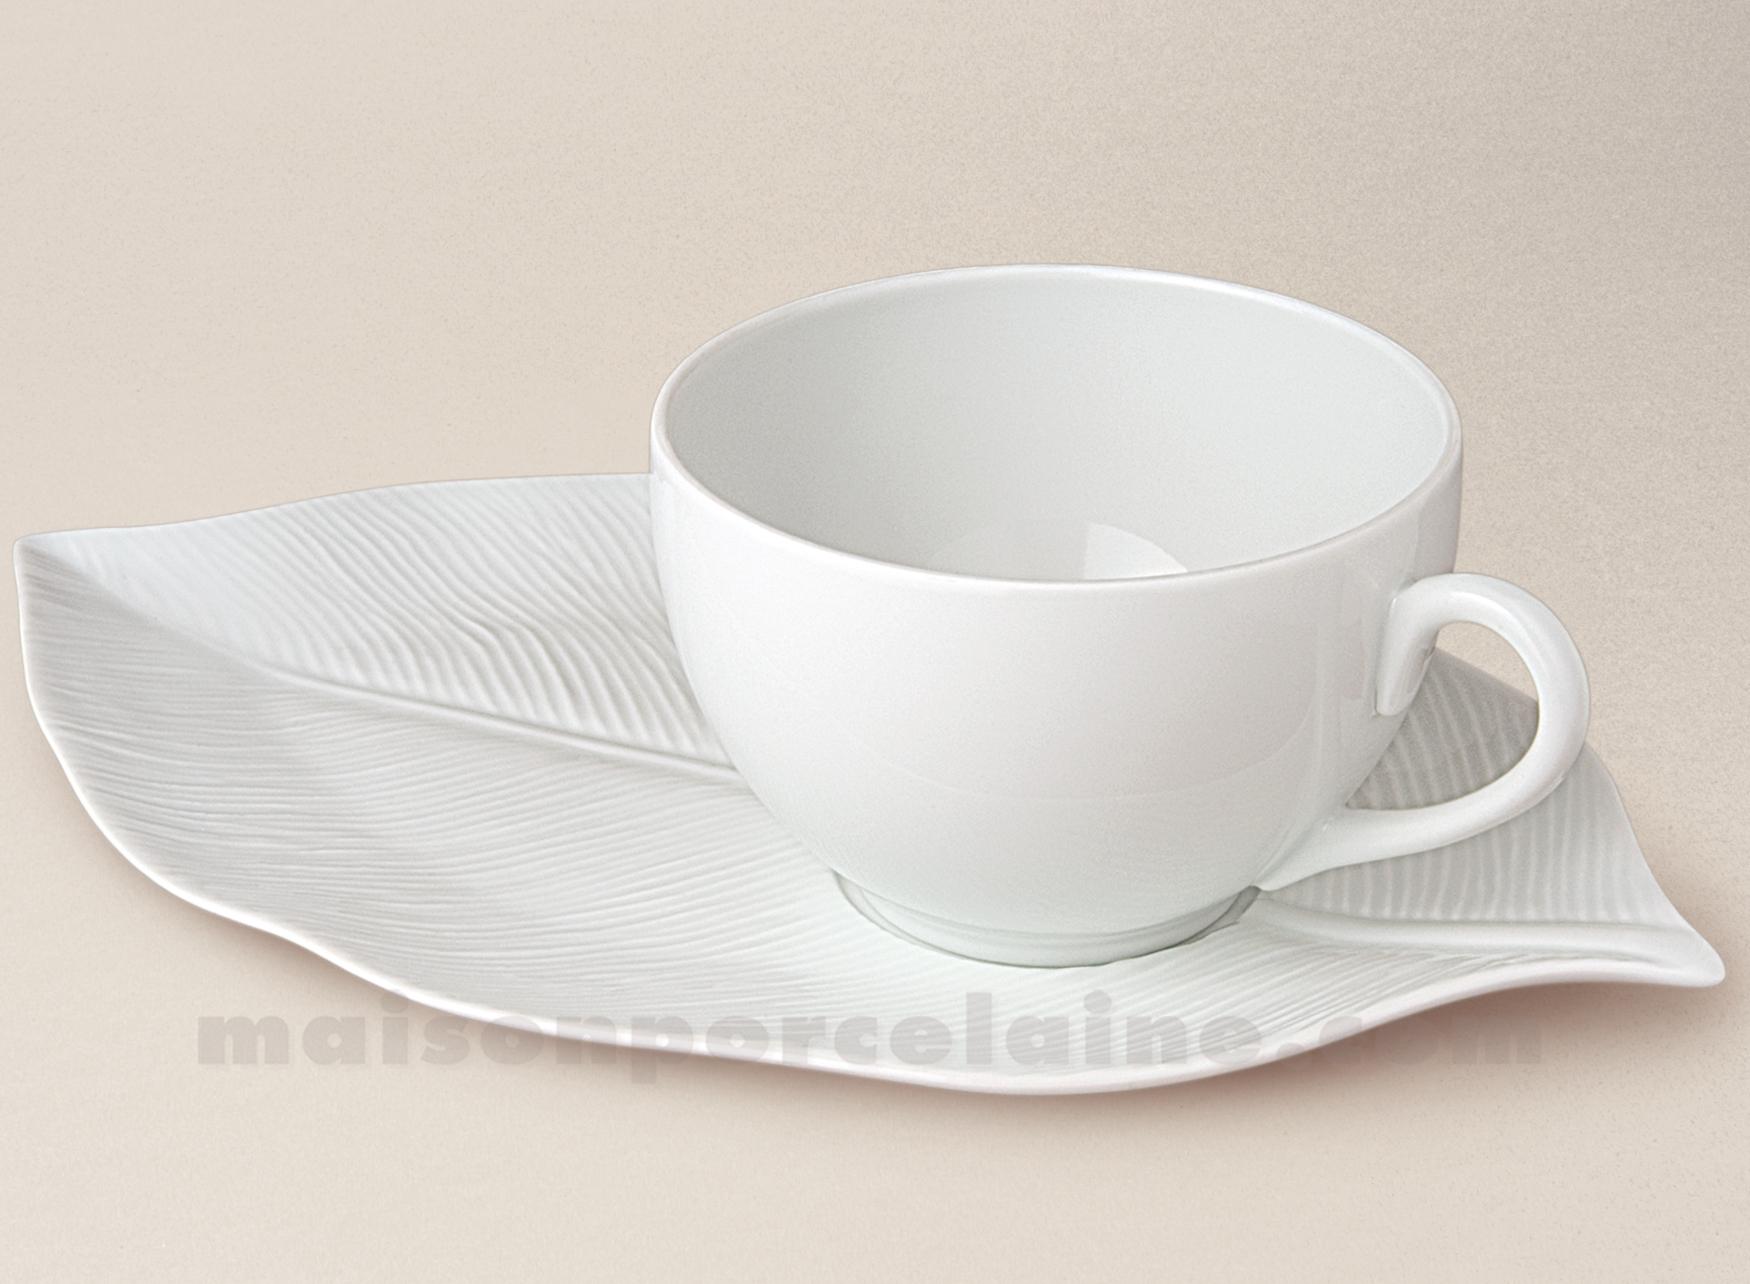 tasse dejeuner porcelaine blanche limoges boule soucoupe feuille palme 35cl maison de la. Black Bedroom Furniture Sets. Home Design Ideas